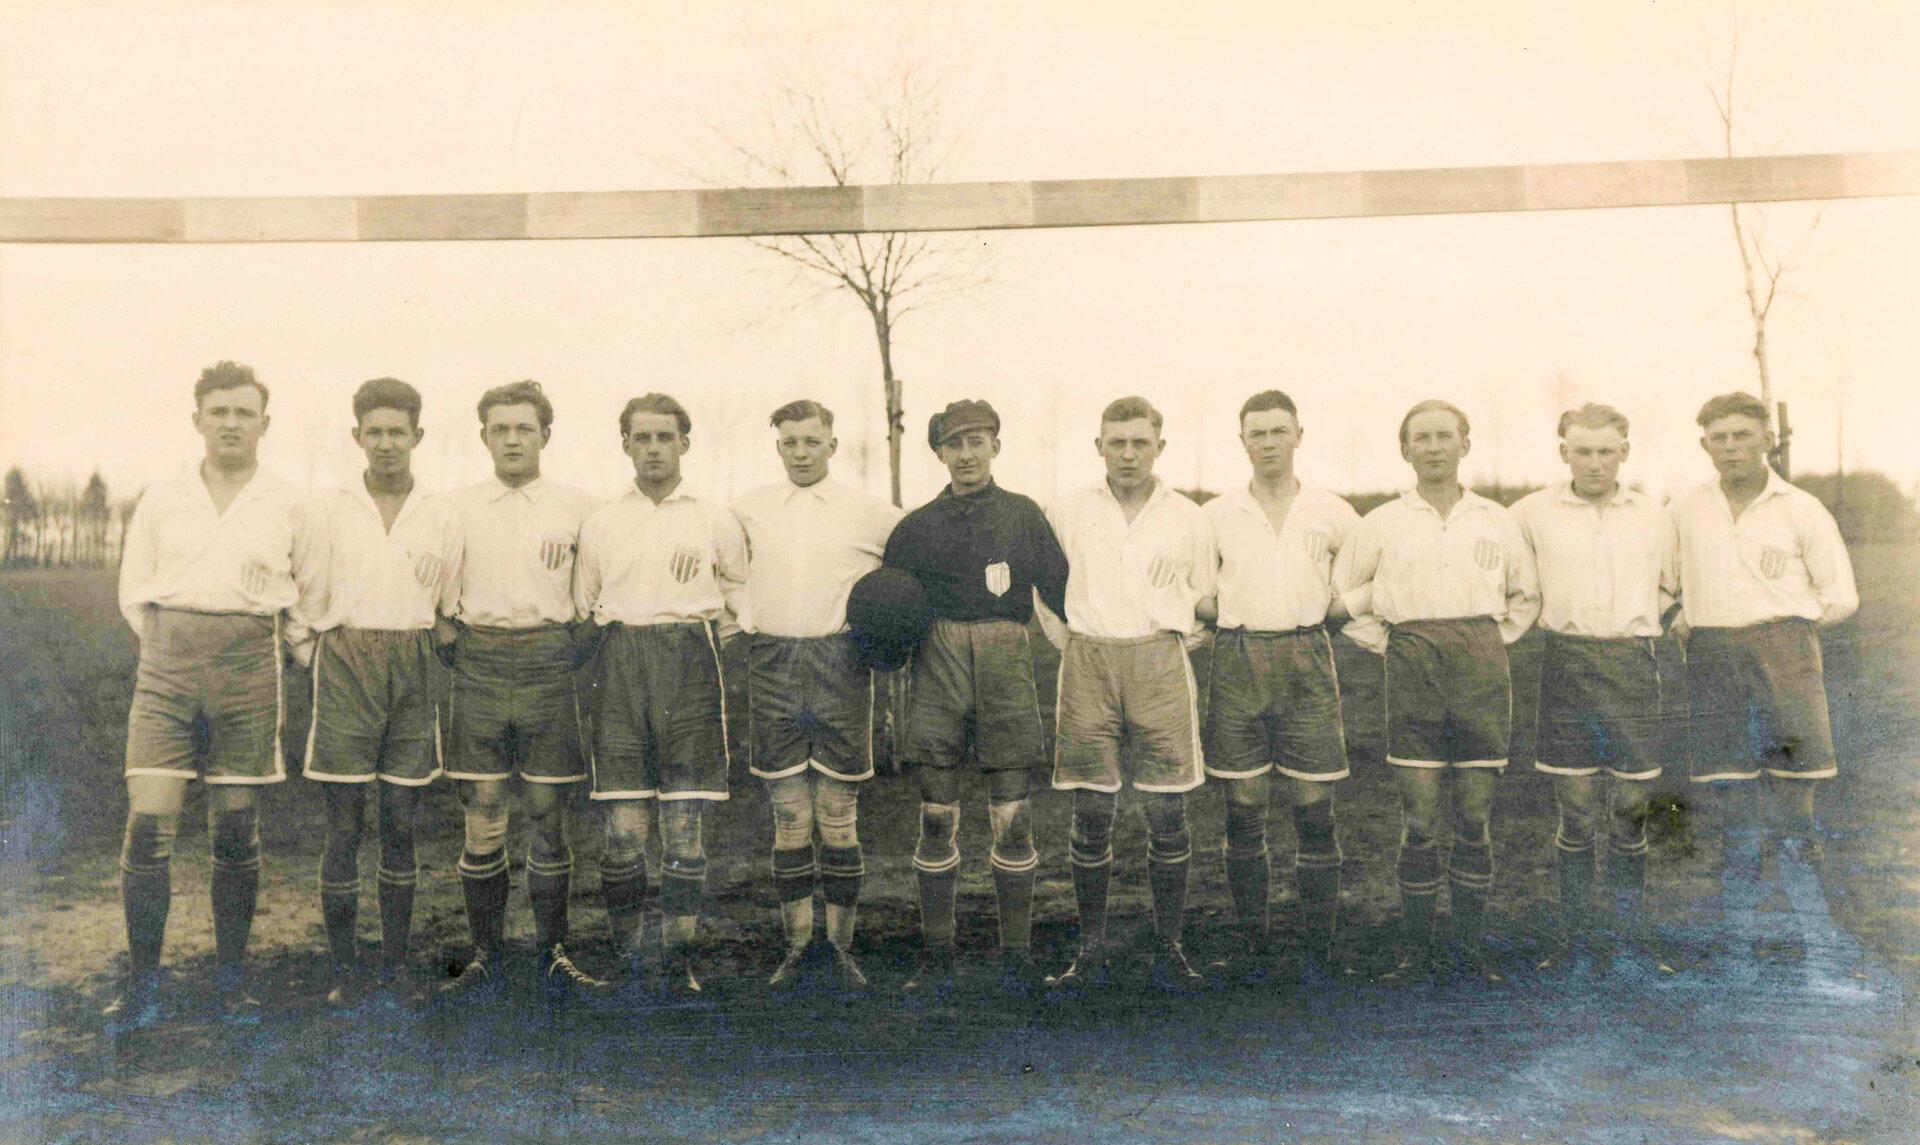 Vor dem Anpfiff: Pritzwalker Fußballmannschaft, Aufnahme von 1930. Quelle: Museum Pritzwalk